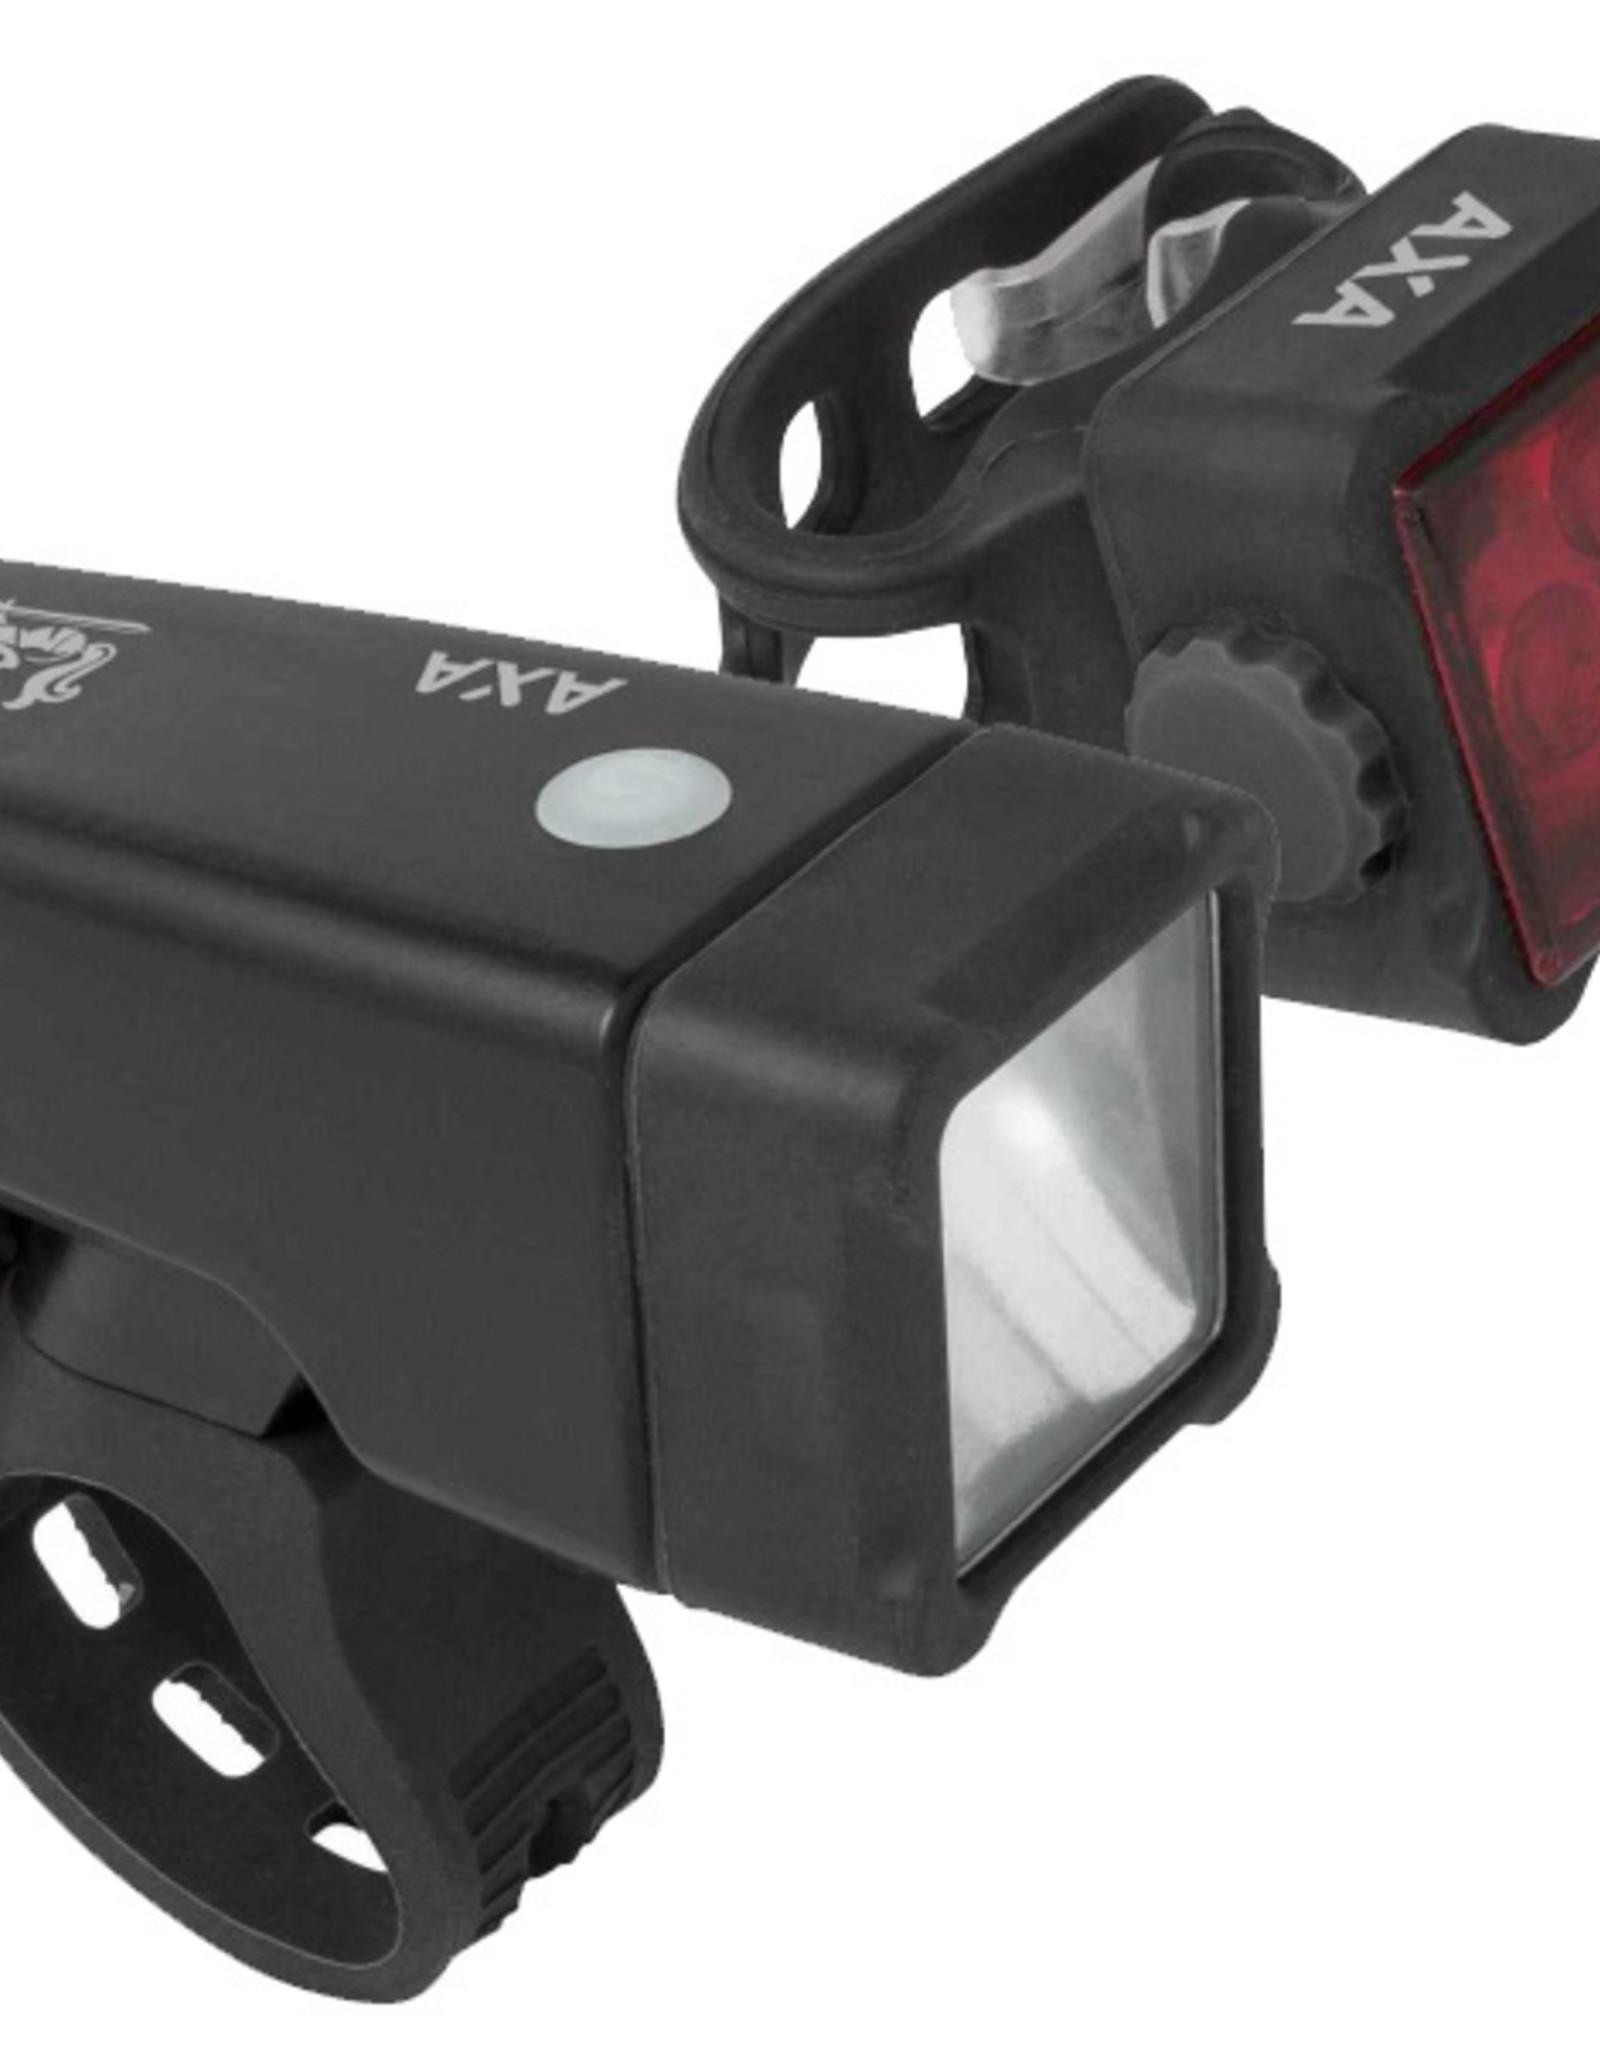 Axa Niteline T4-R light set